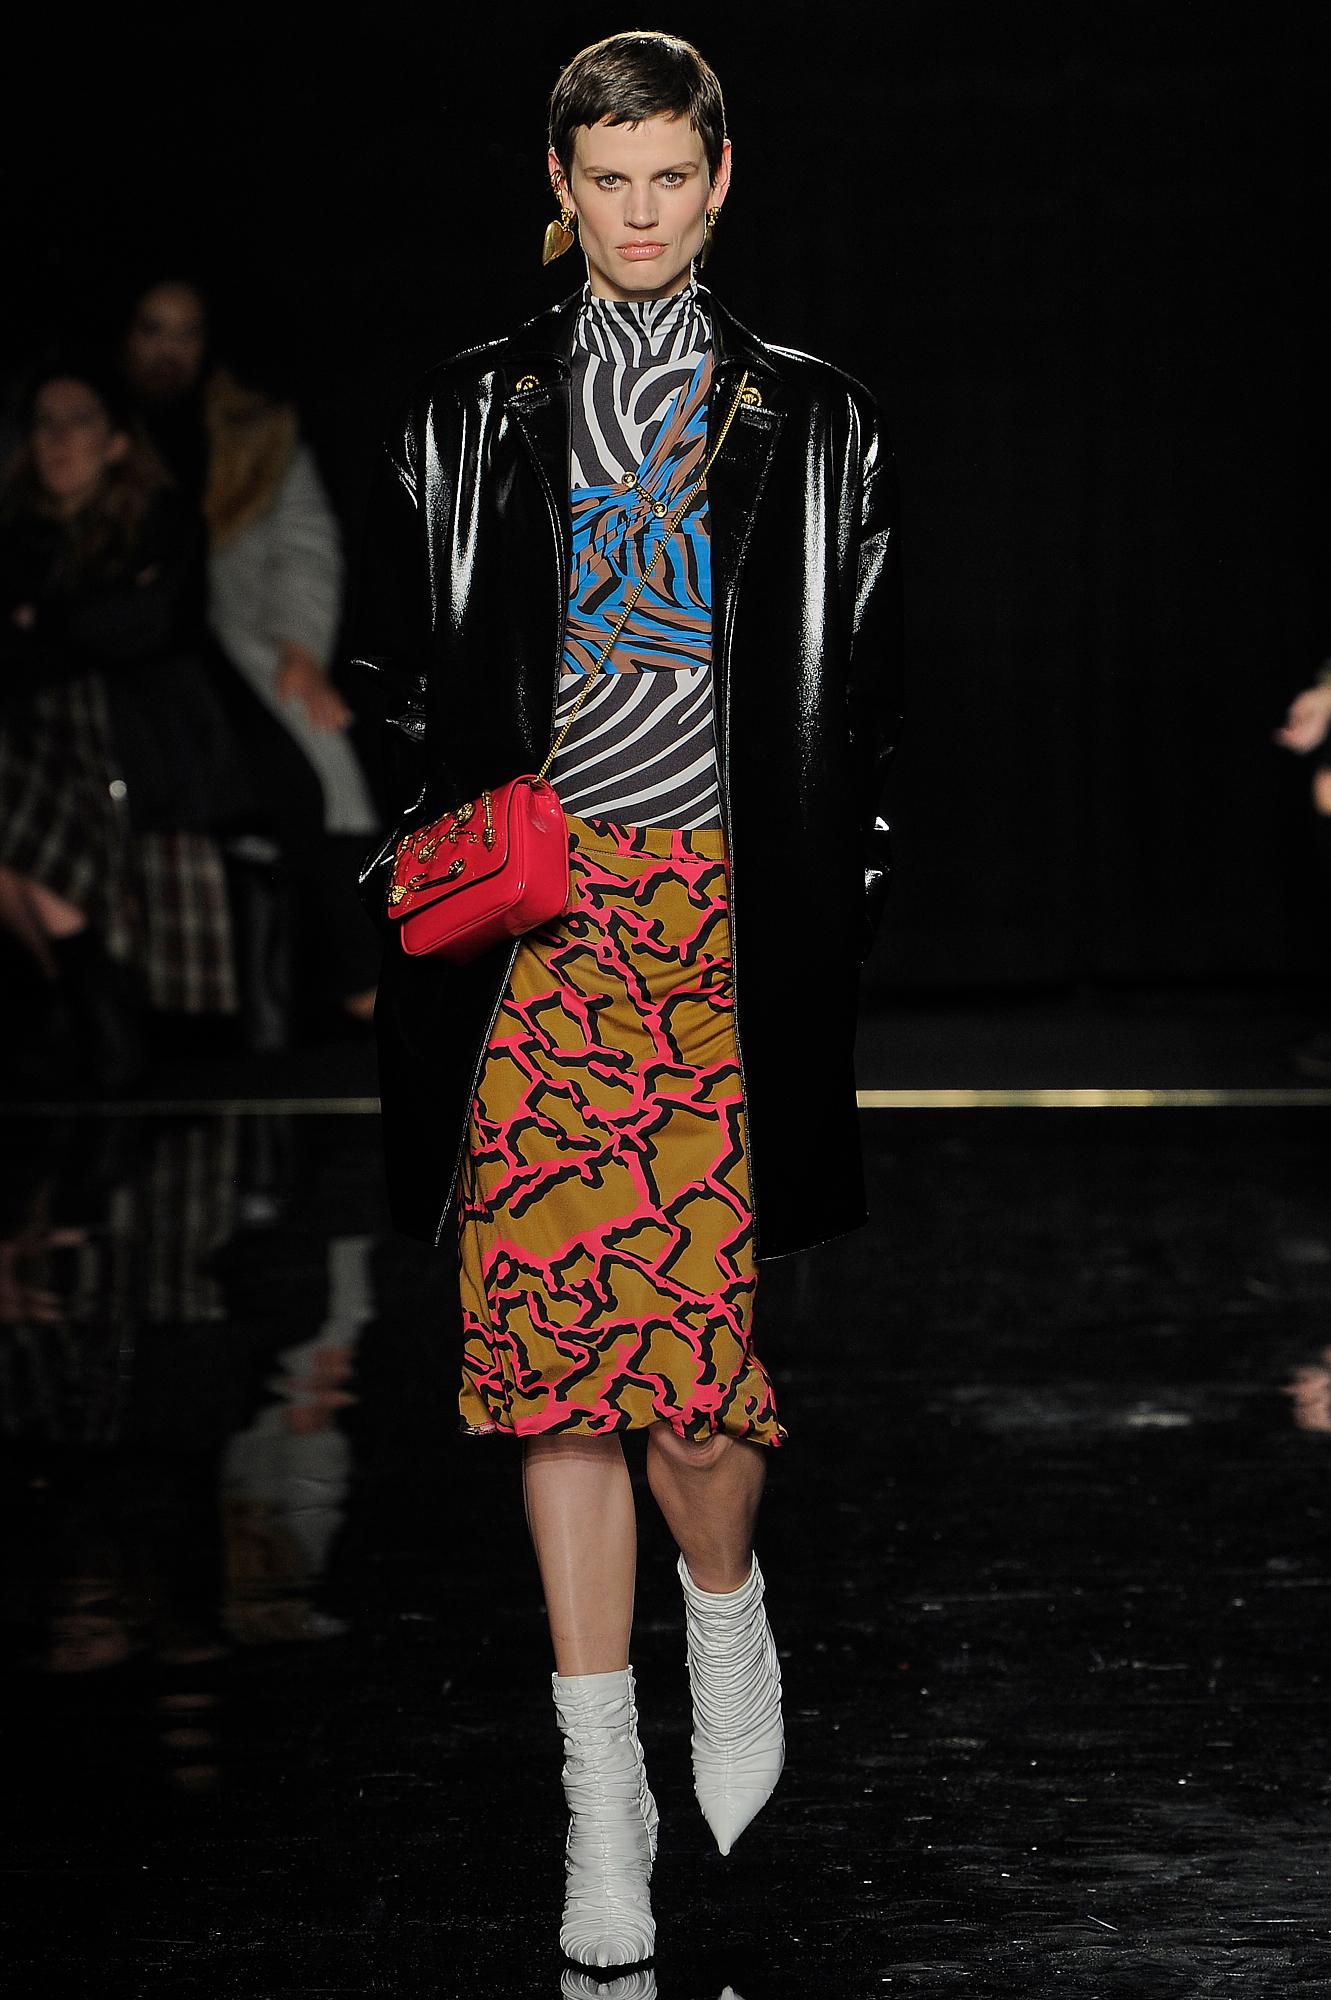 Versace_30_48_versace_runway_runway_00030.jpg